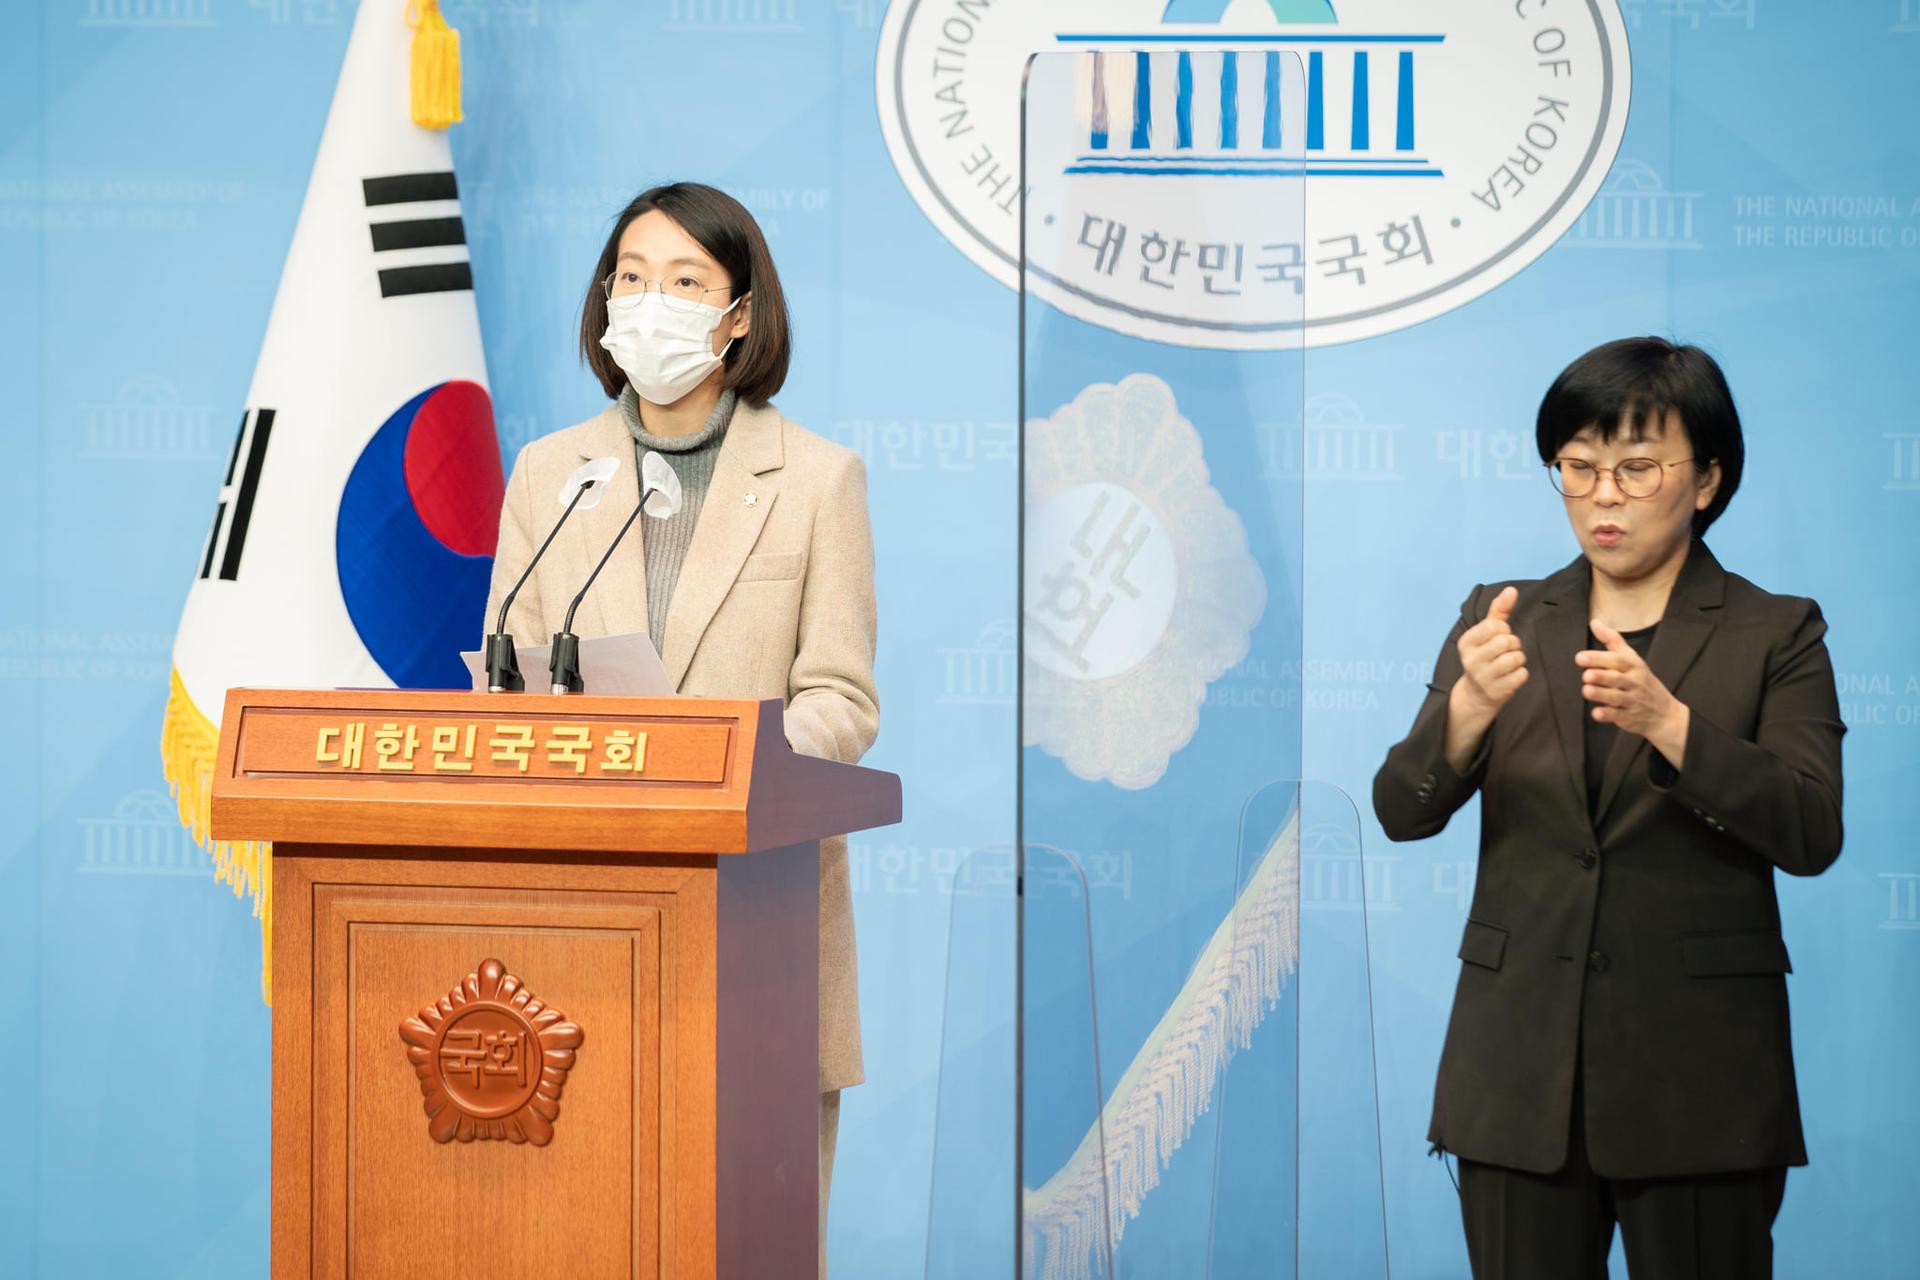 장혜영 의원이 코로나19 극복을 위한 <특별재난연대세>법 발의 기자회견을 하고 있는 사진